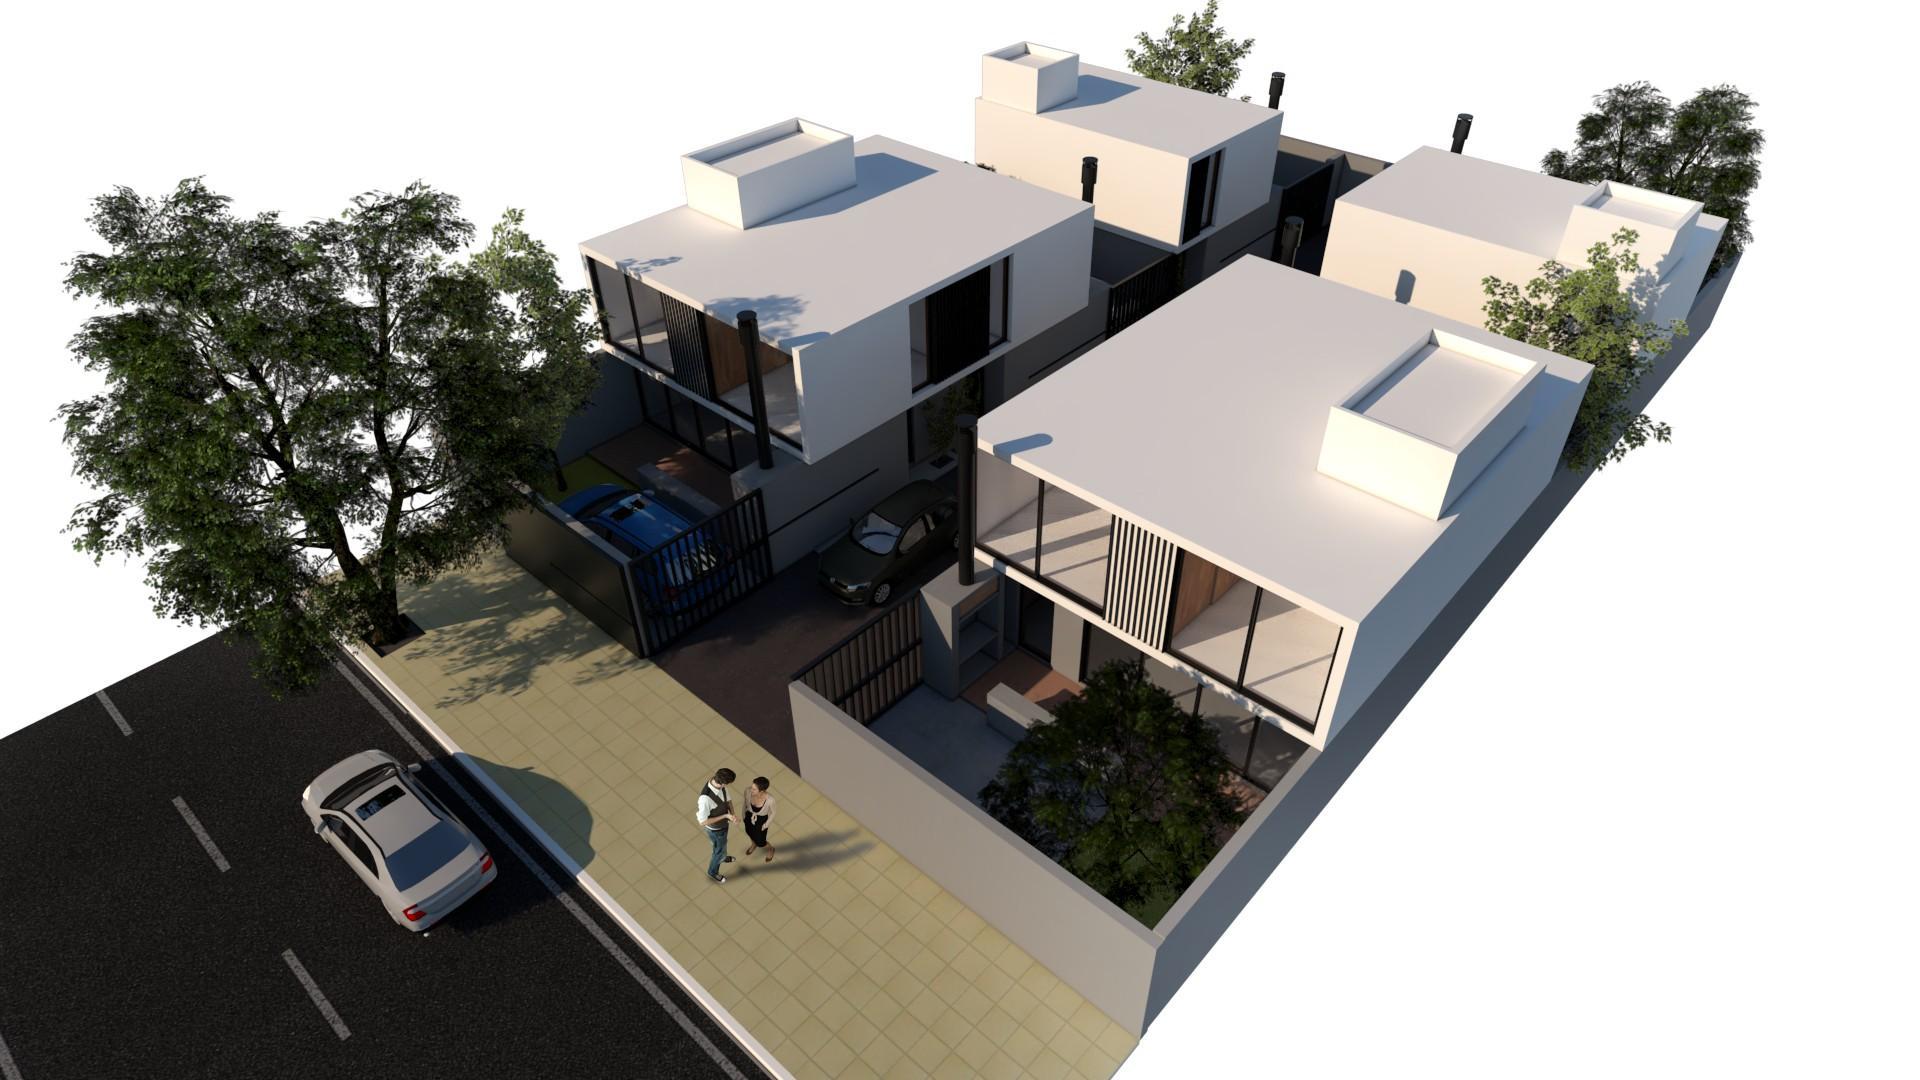 Excelente dúplex en construcción, de 2 dormitorios, 2 baños, garage, parque, parrilla,